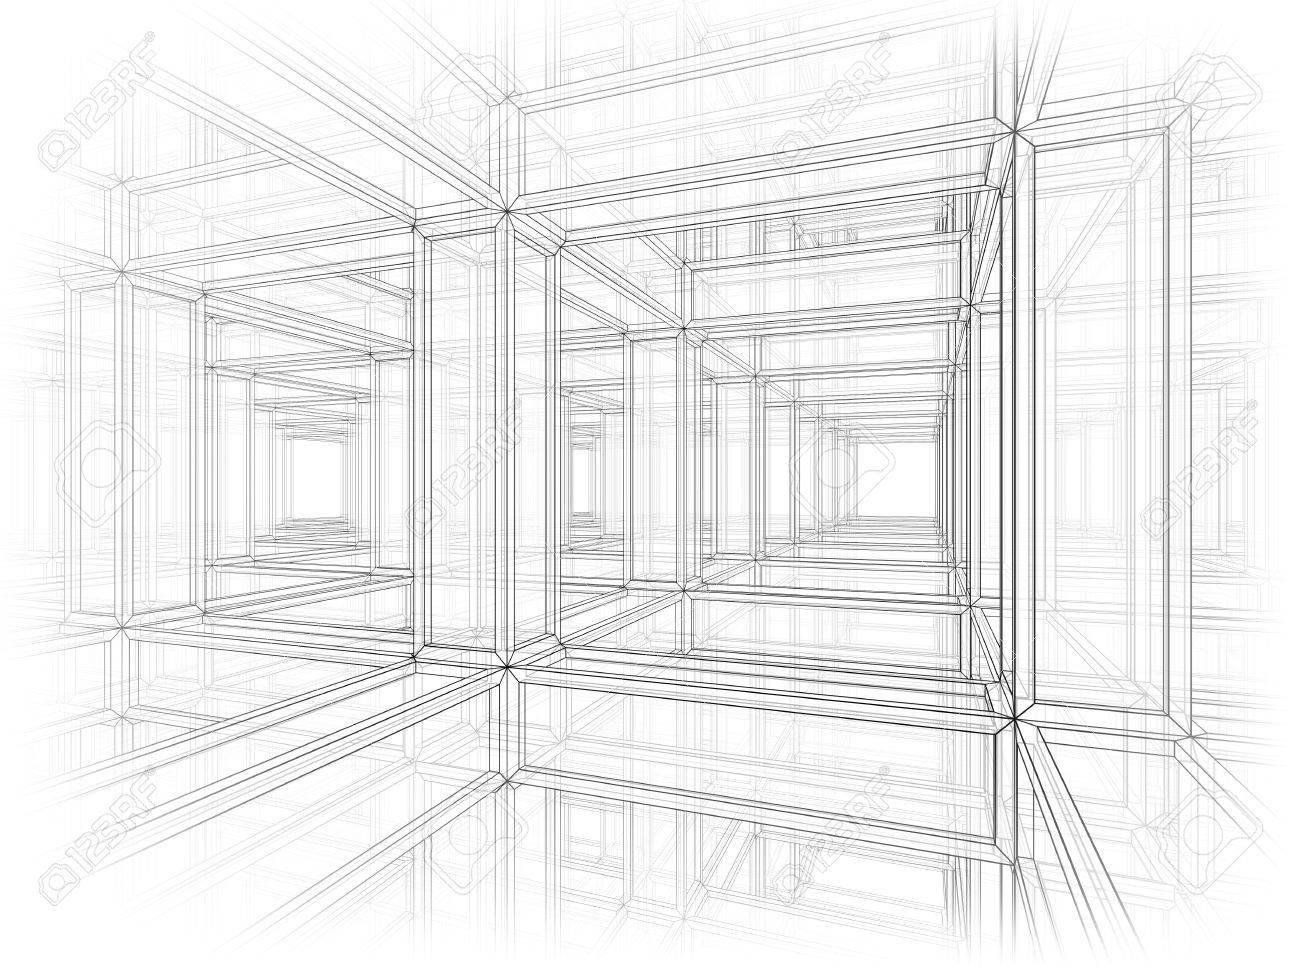 Arquitectura Abstracta Fondo Del Espacio Interior De Una ...